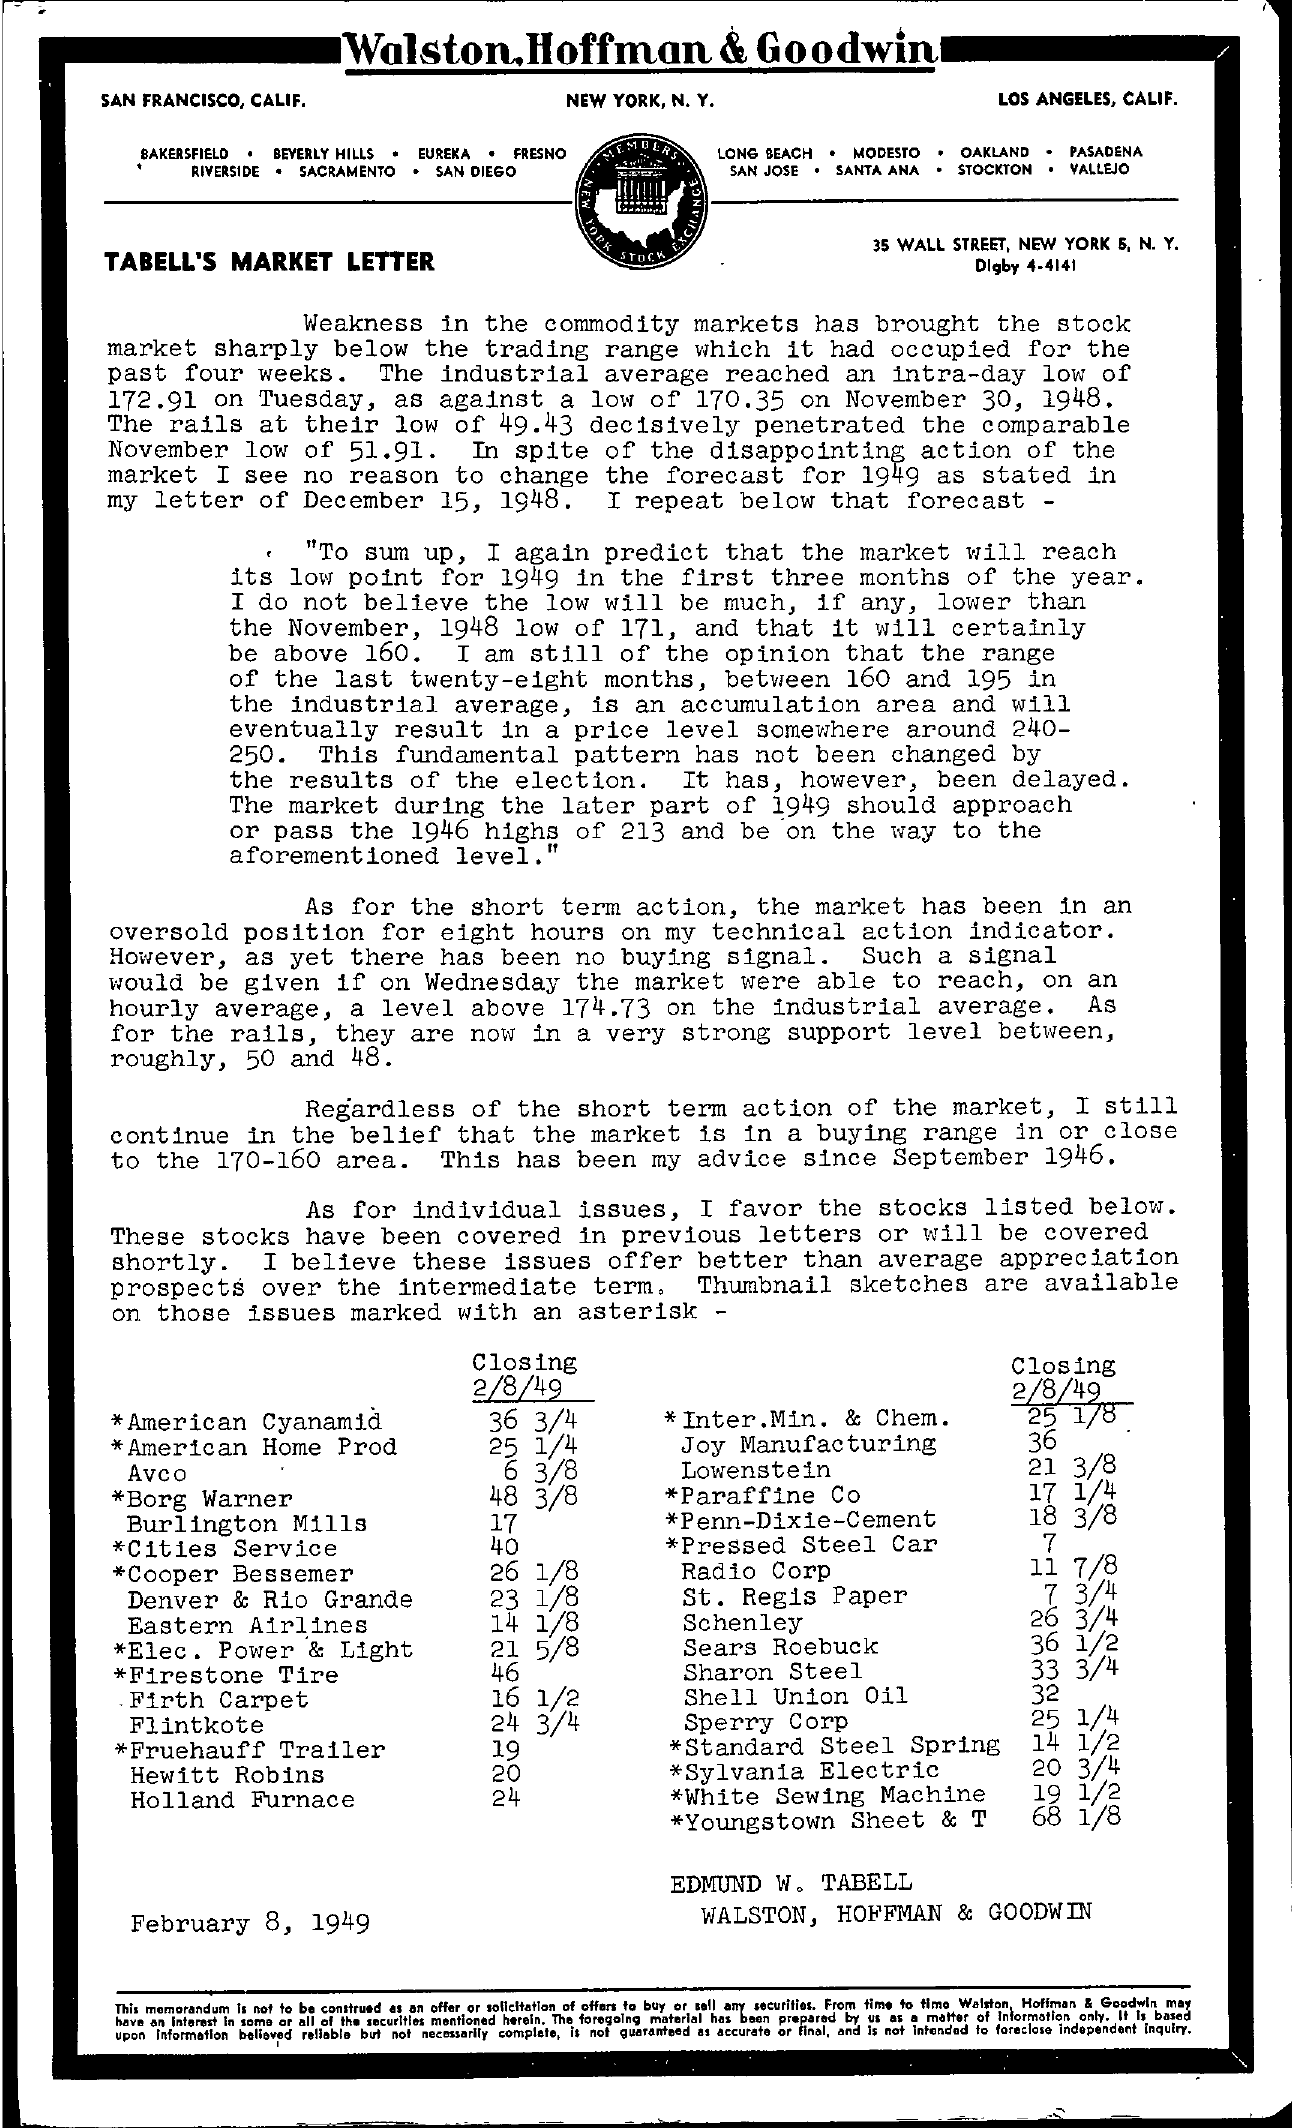 Tabell's Market Letter - February 08, 1949